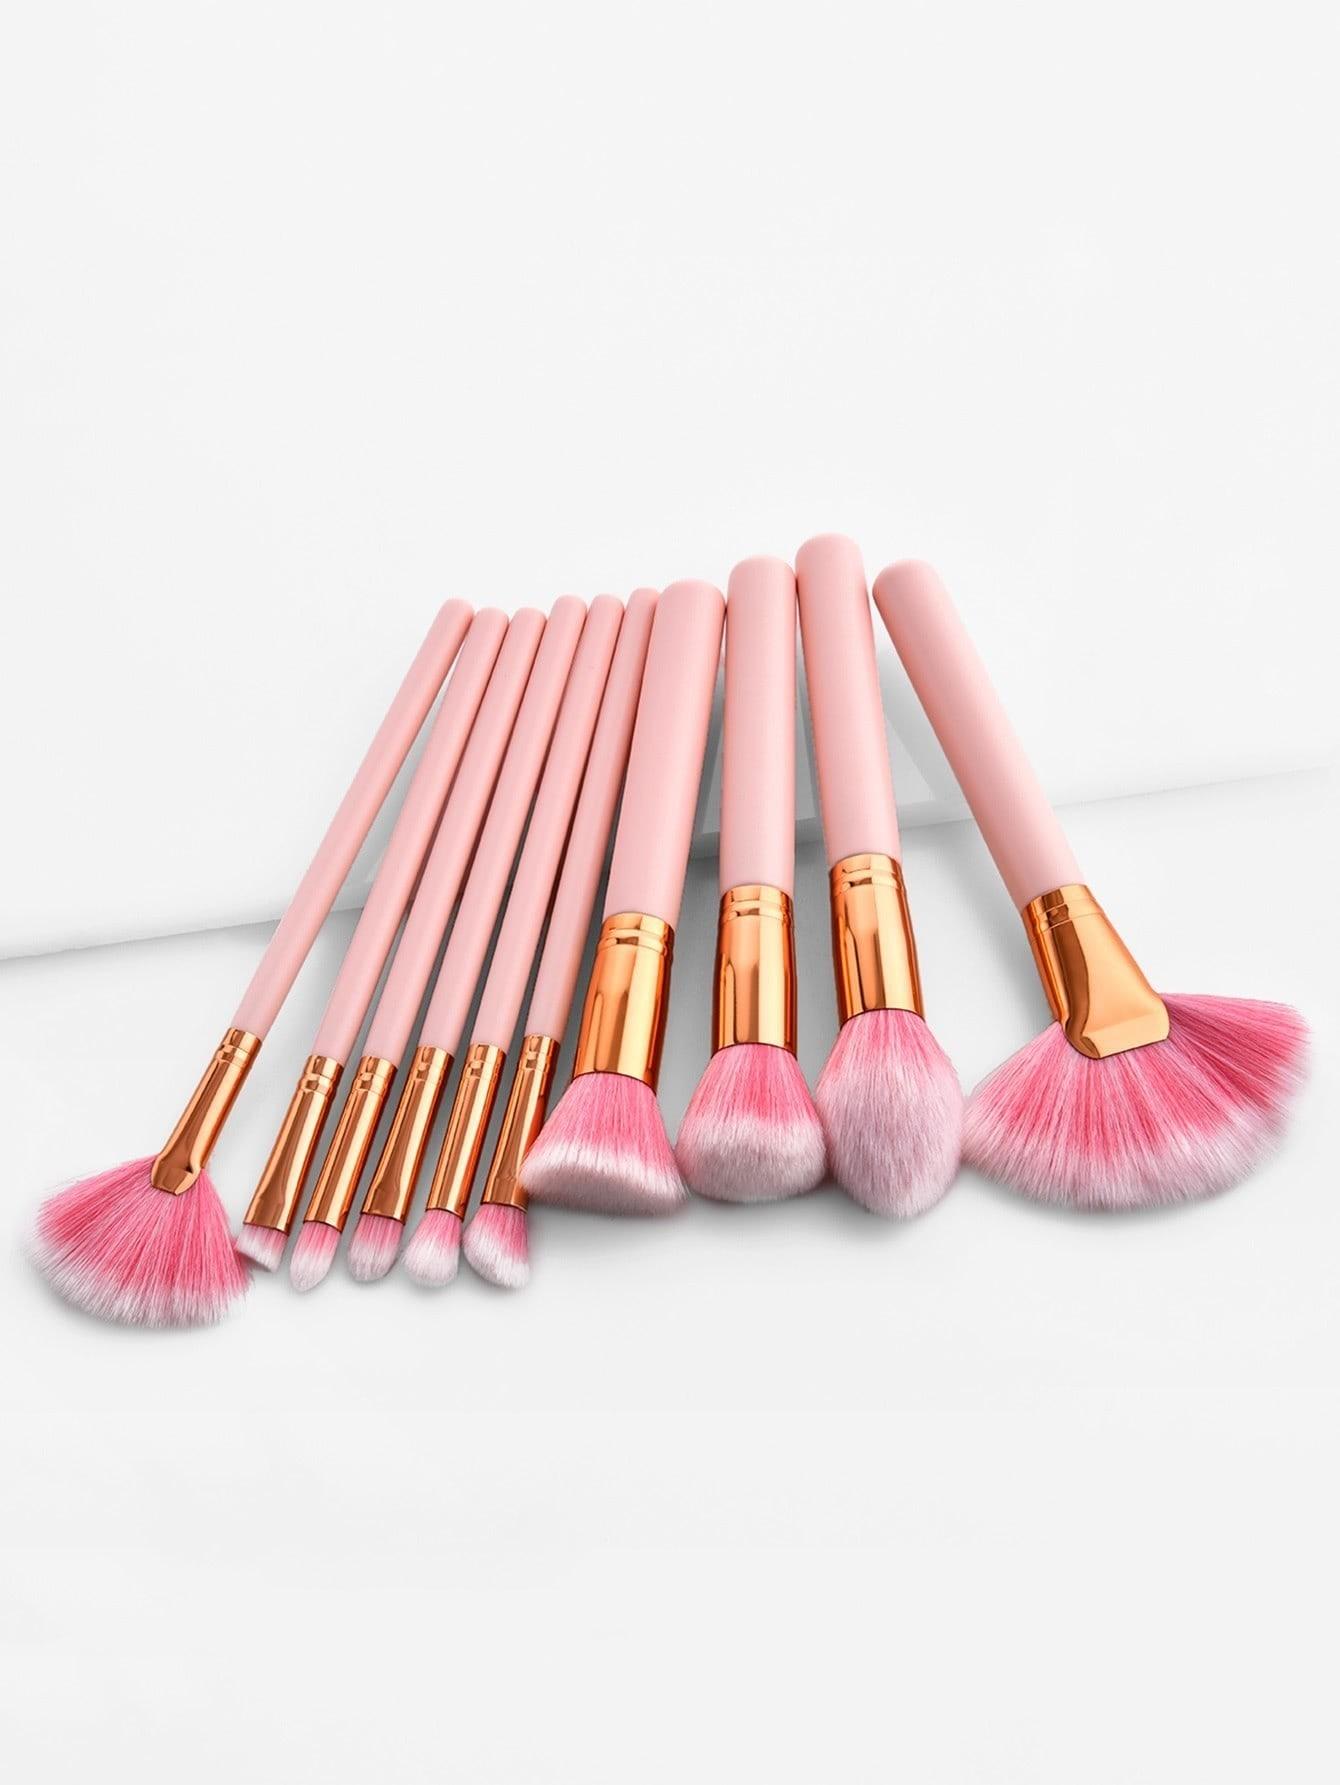 Soft Makeup Brush Set 10pcs